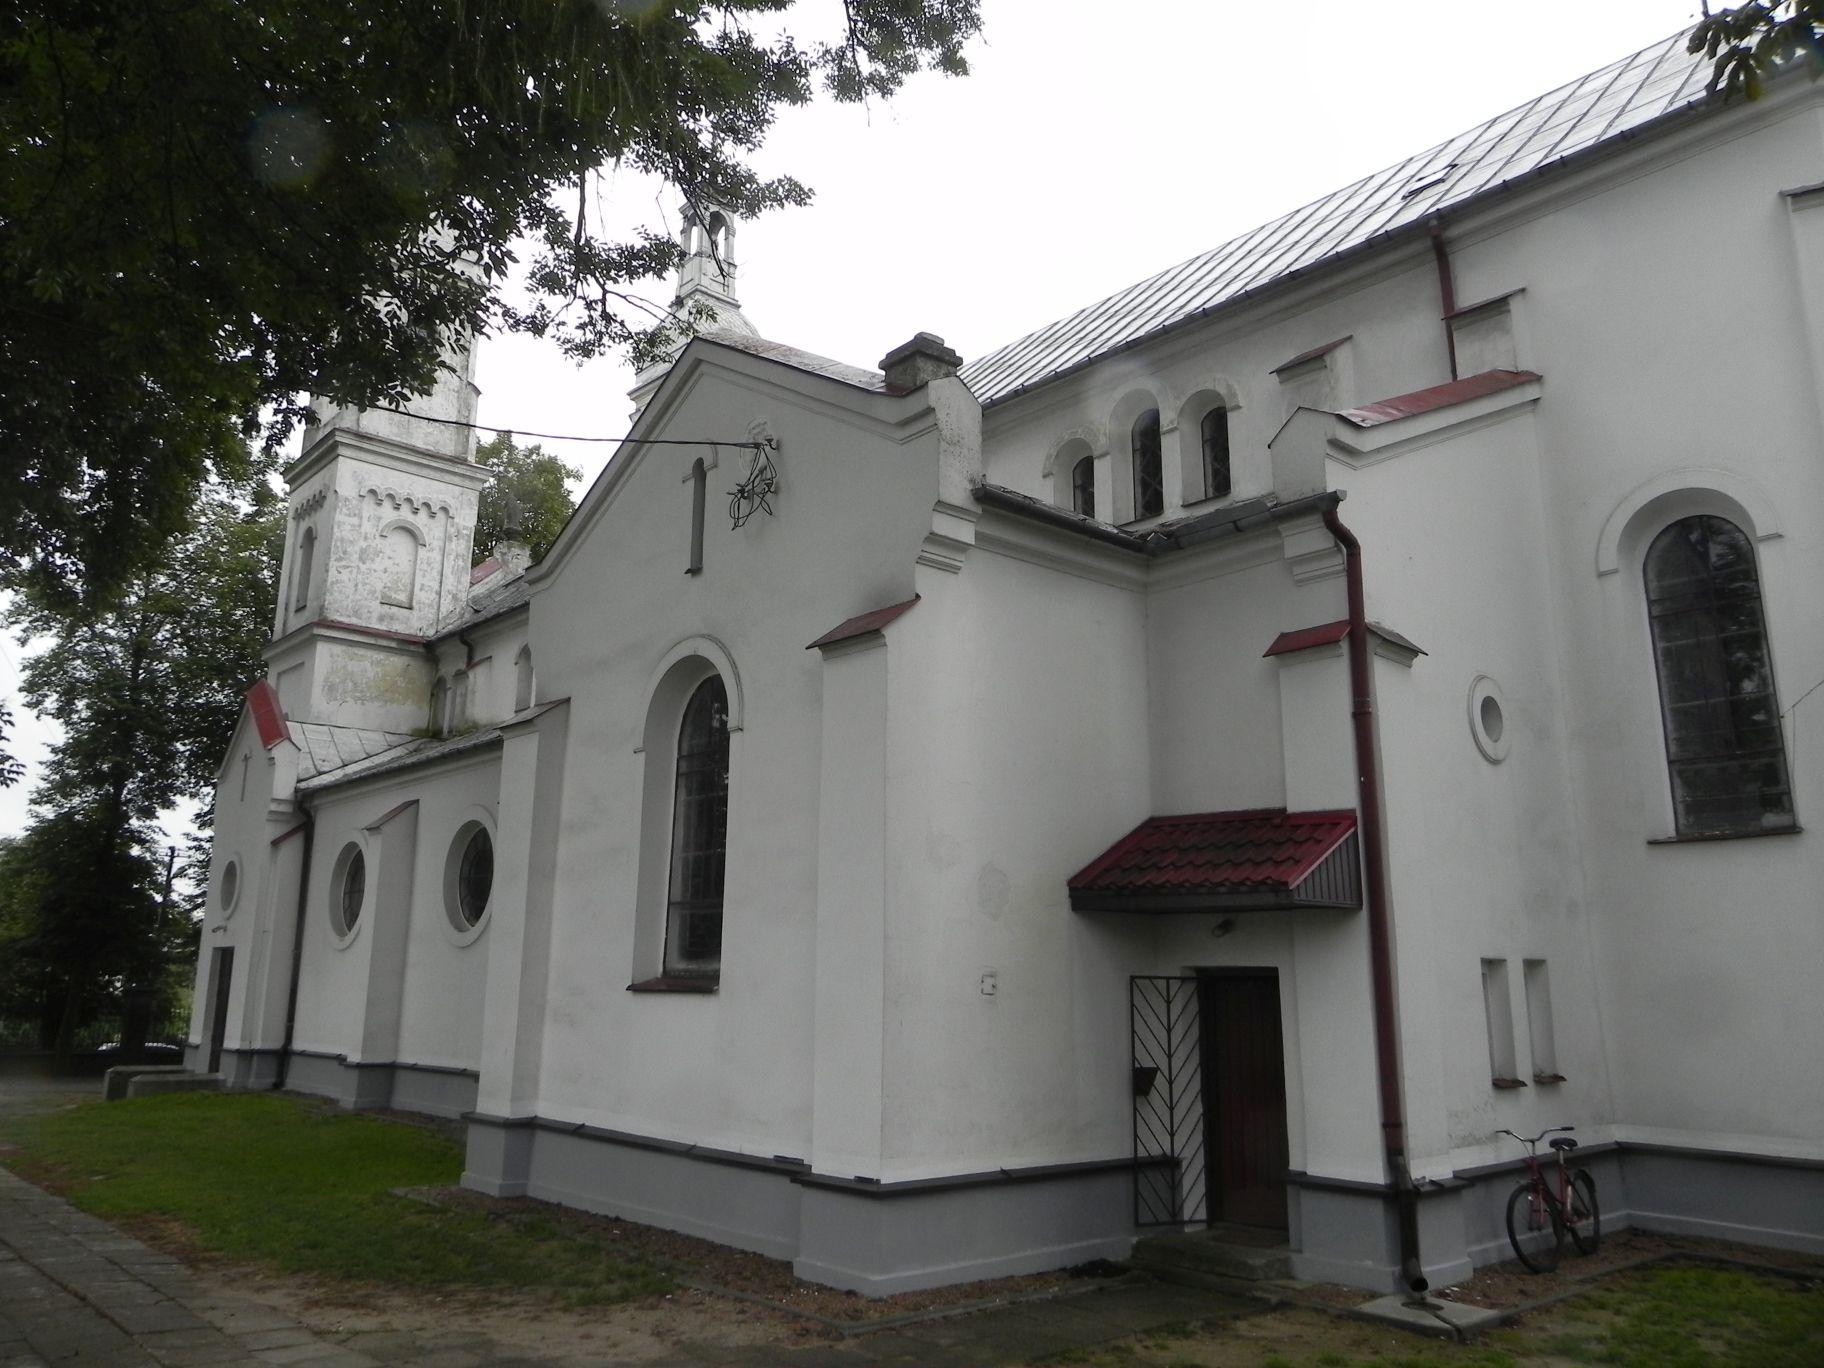 2012-08-16 Sadkowice - dożynki (10)